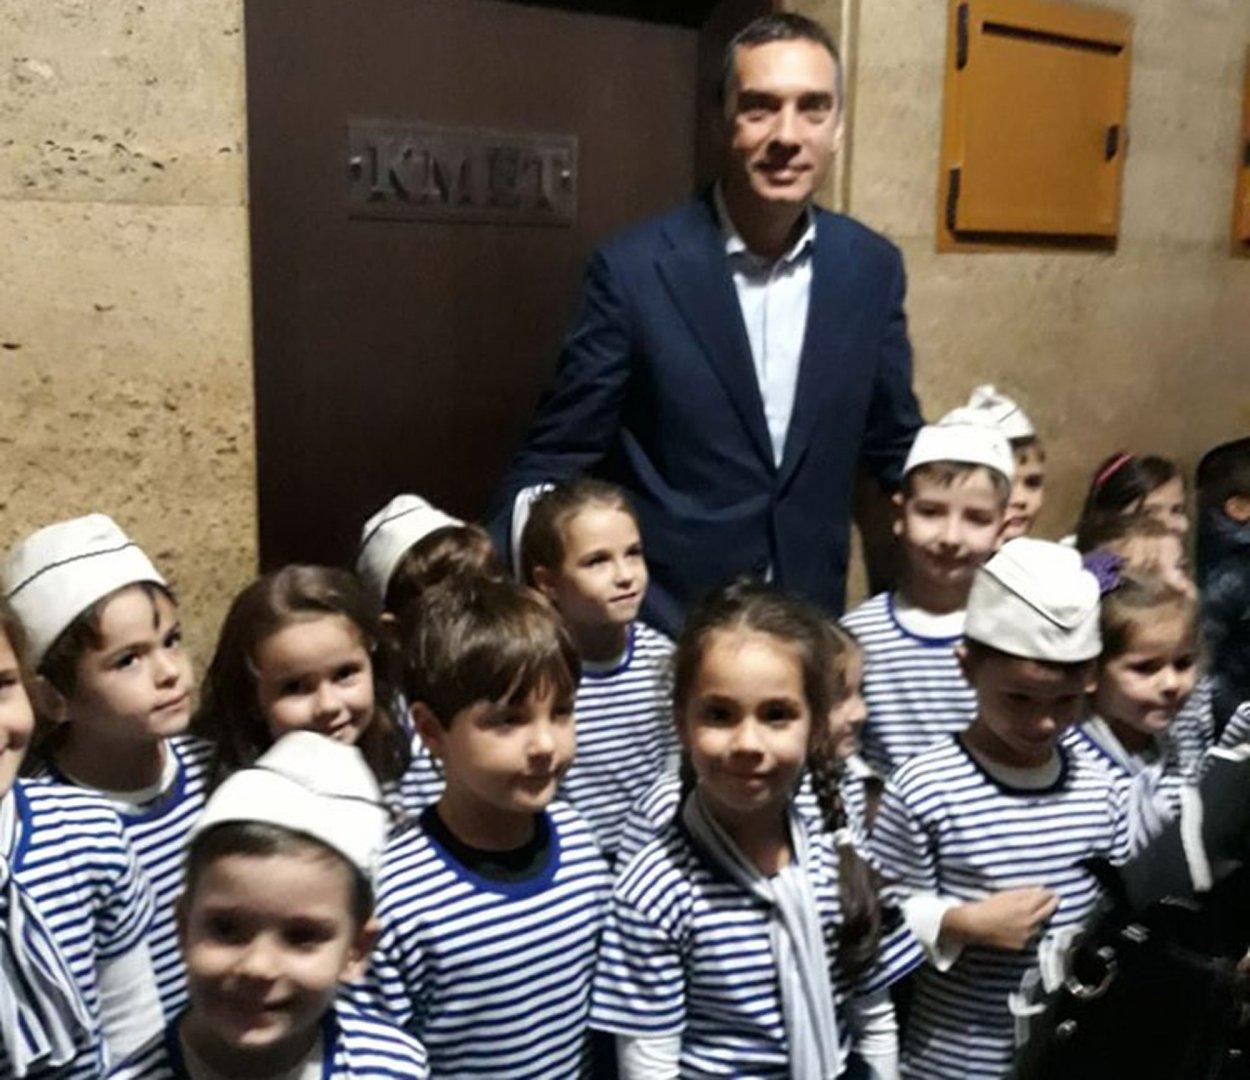 Кметът Николов посрещна малчуганите от предучилищна група на СУ Иван Вазов пред кабинета си. Снимки Лина Главинова и Христина Ганева